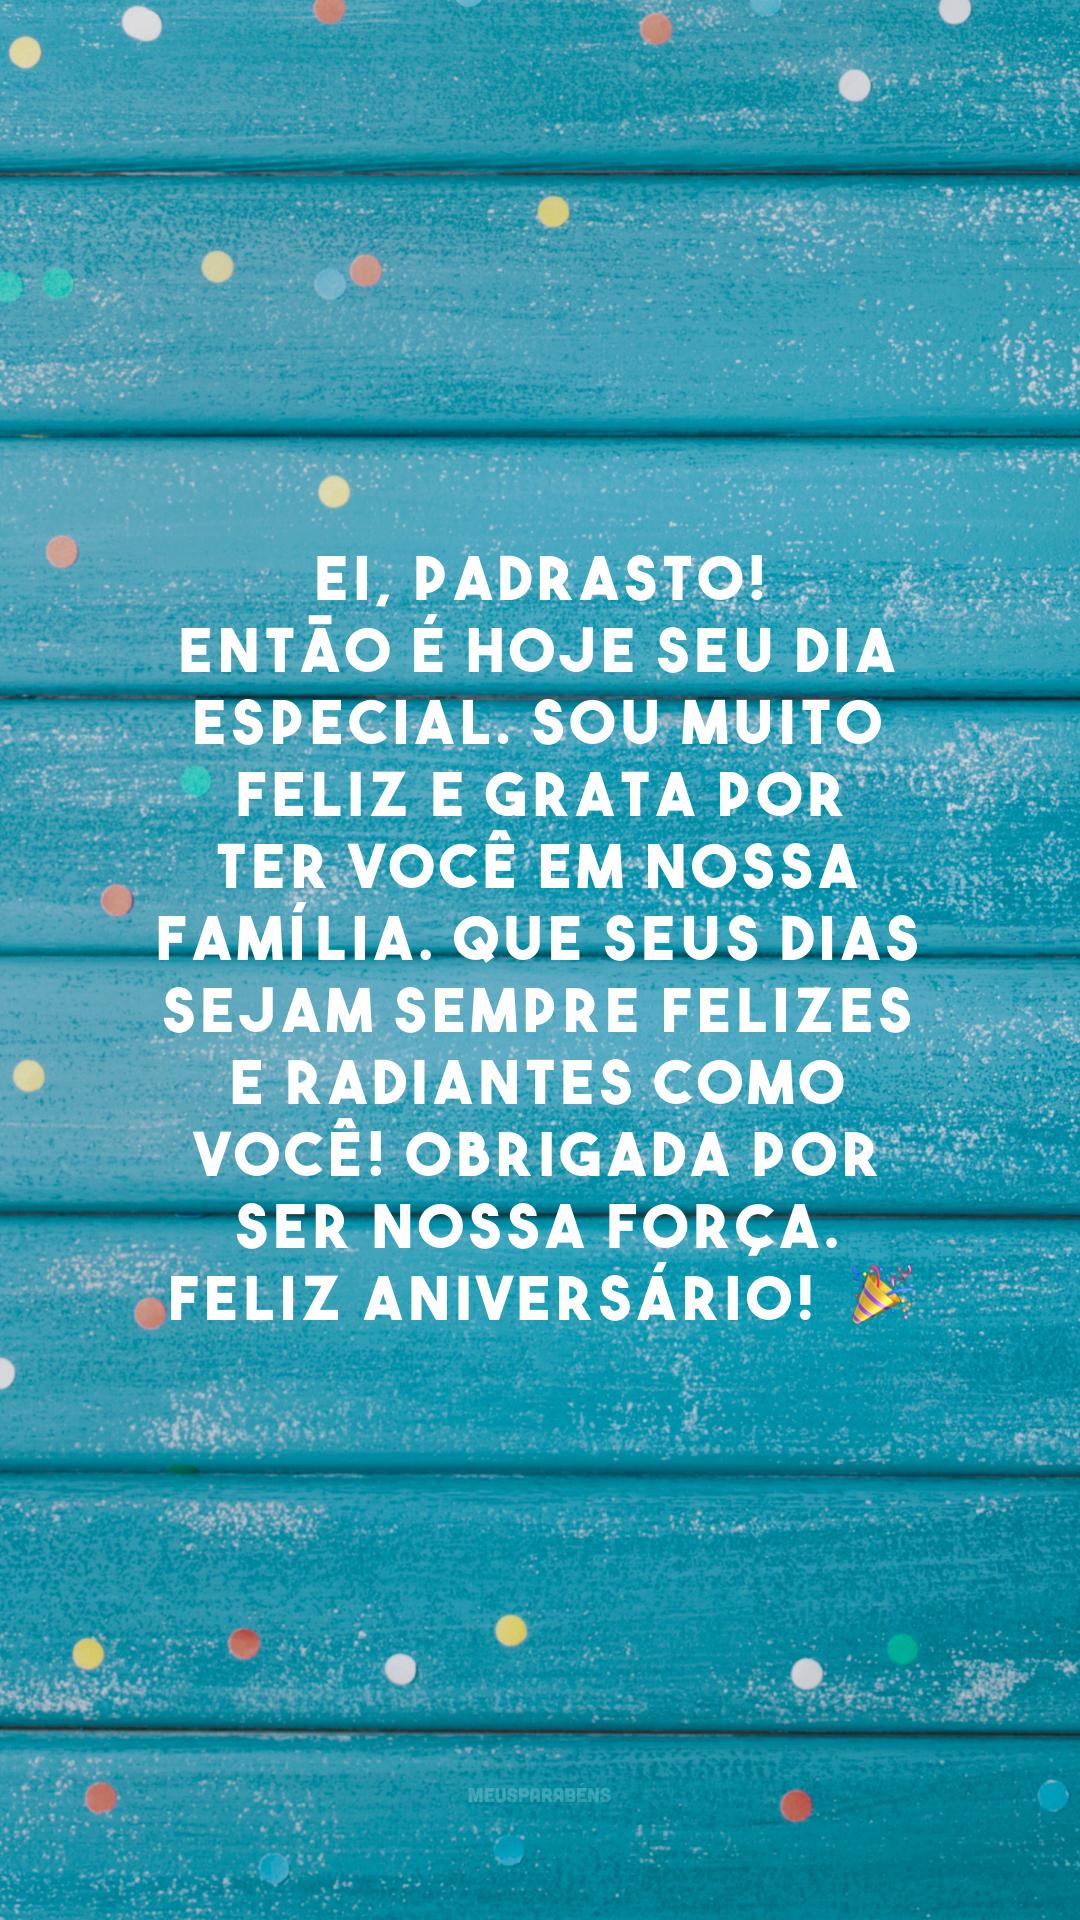 Ei, padrasto! Então é hoje seu dia especial. Sou muito feliz e grata por ter você em nossa família. Que seus dias sejam sempre felizes e radiantes como você! Obrigada por ser nossa força. Feliz aniversário! 🎉